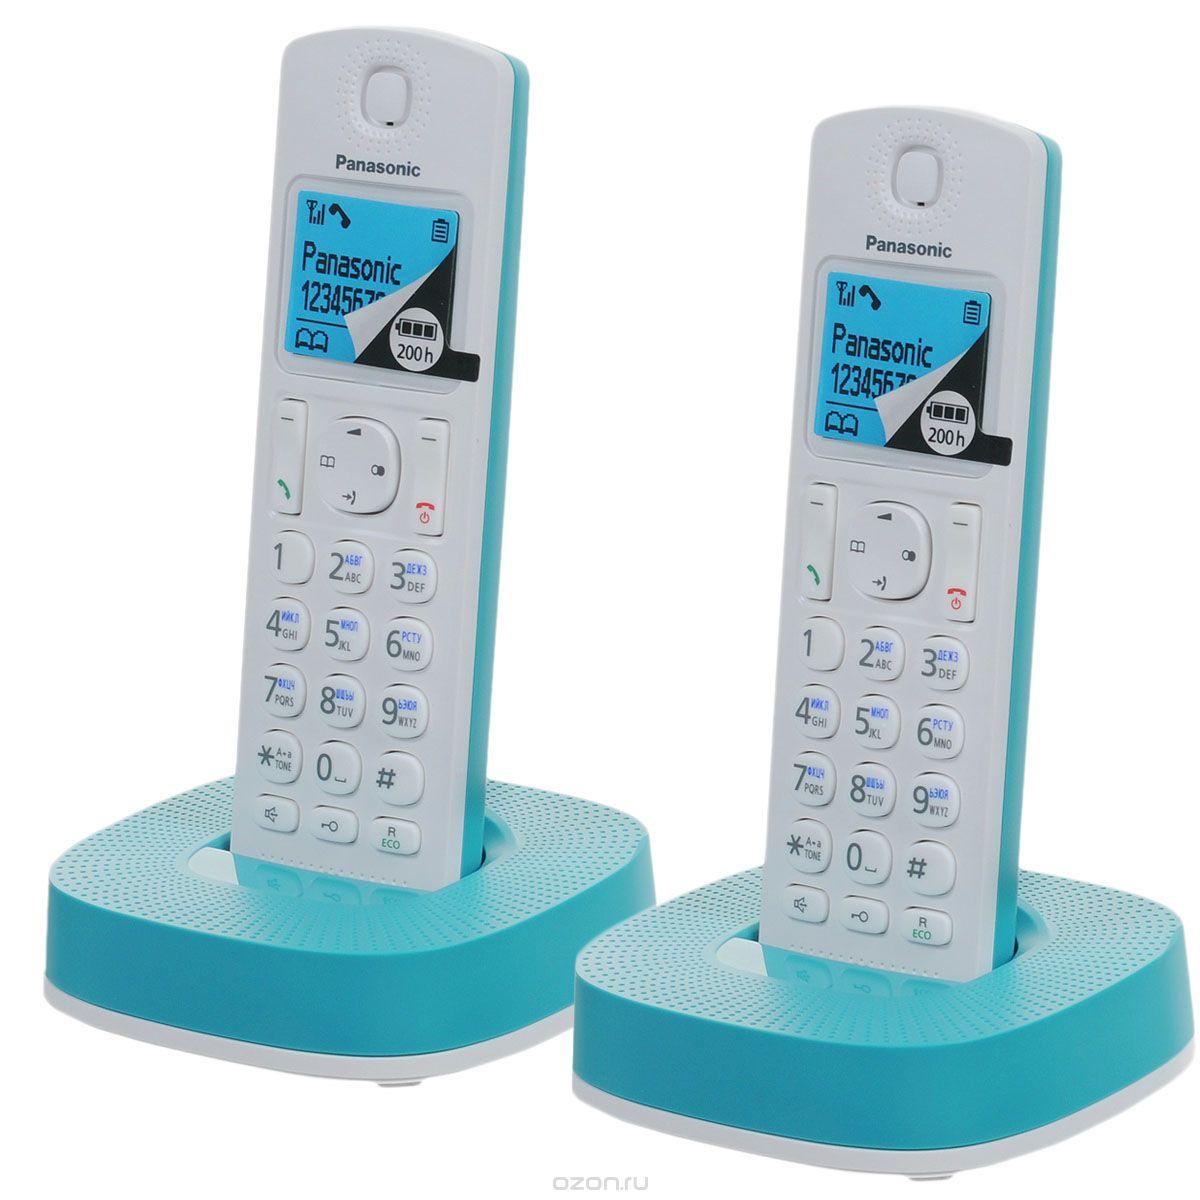 Радиотелефон Panasonic KX-TGC312RUCРадиотелефон Dect<br><br><br>Тип: Радиотелефон<br>Рабочая частота: 1880-1900 МГц<br>Стандарт: DECT<br>Возможность набора на базе: Нет<br>Проводная трубка на базе : Нет<br>Время работы трубки (режим разг. / режим ожид.): 16/200<br>Дисплей: на трубке (цветной), 4 строки